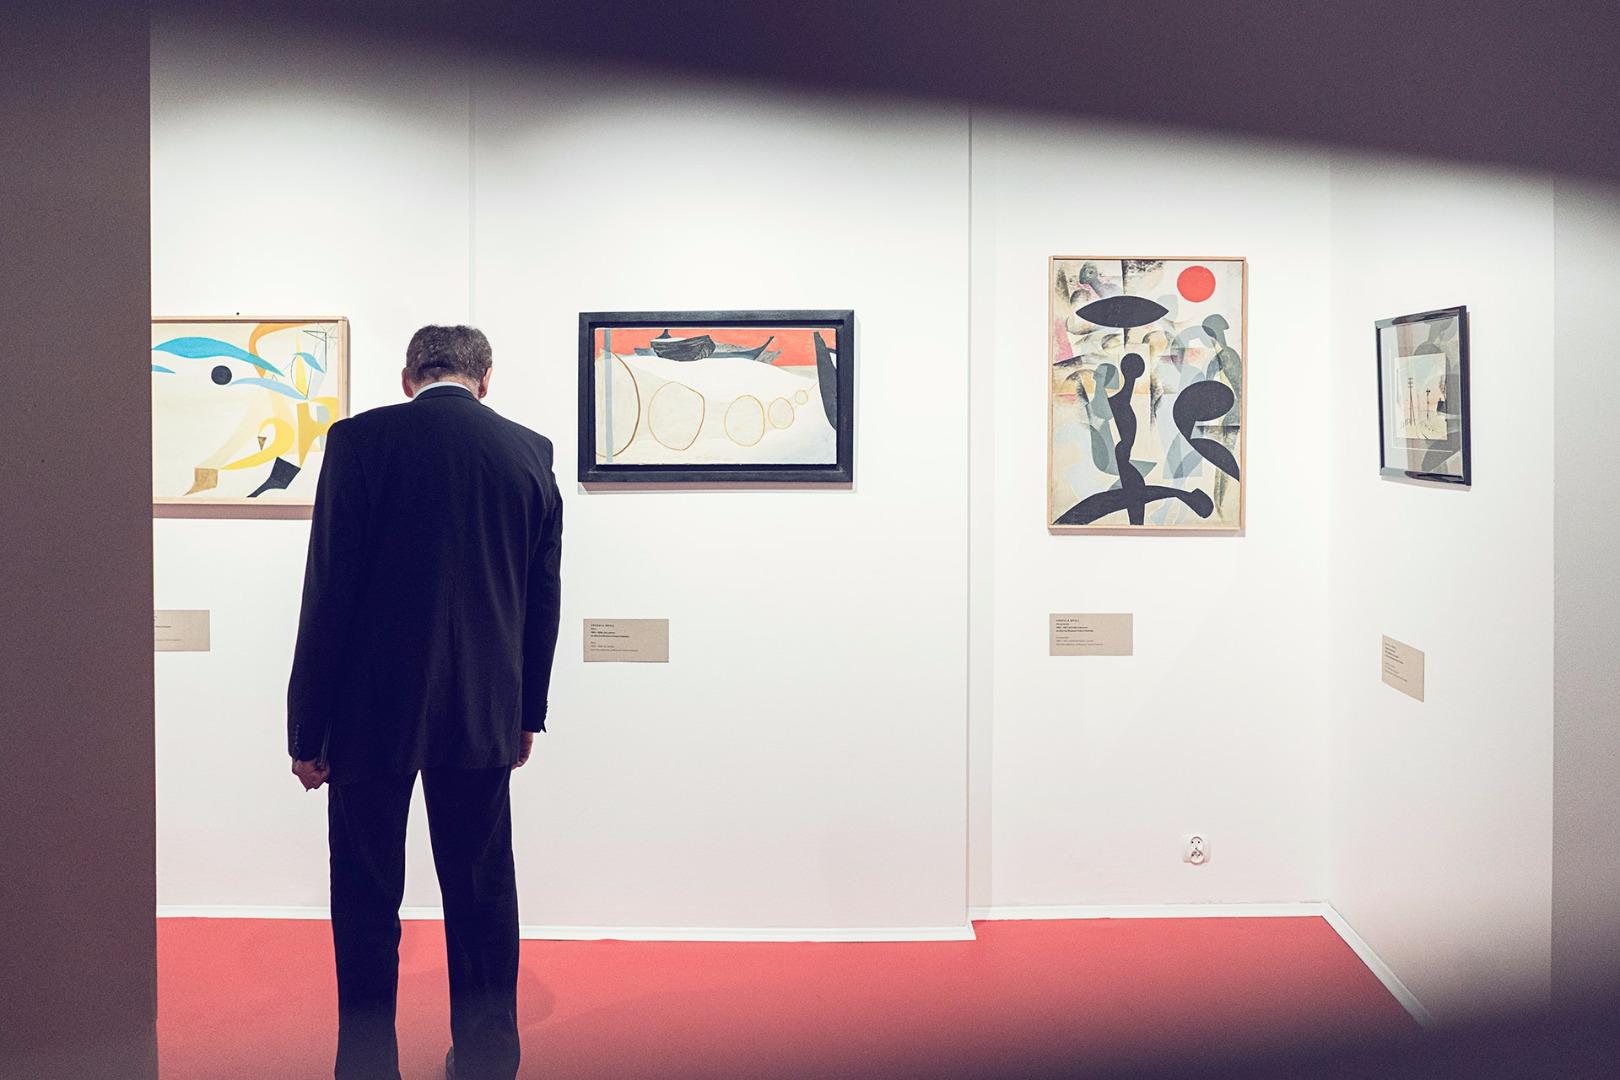 fot. Michał Jędrzejowski / Muzeum Śląskie w Katowicach